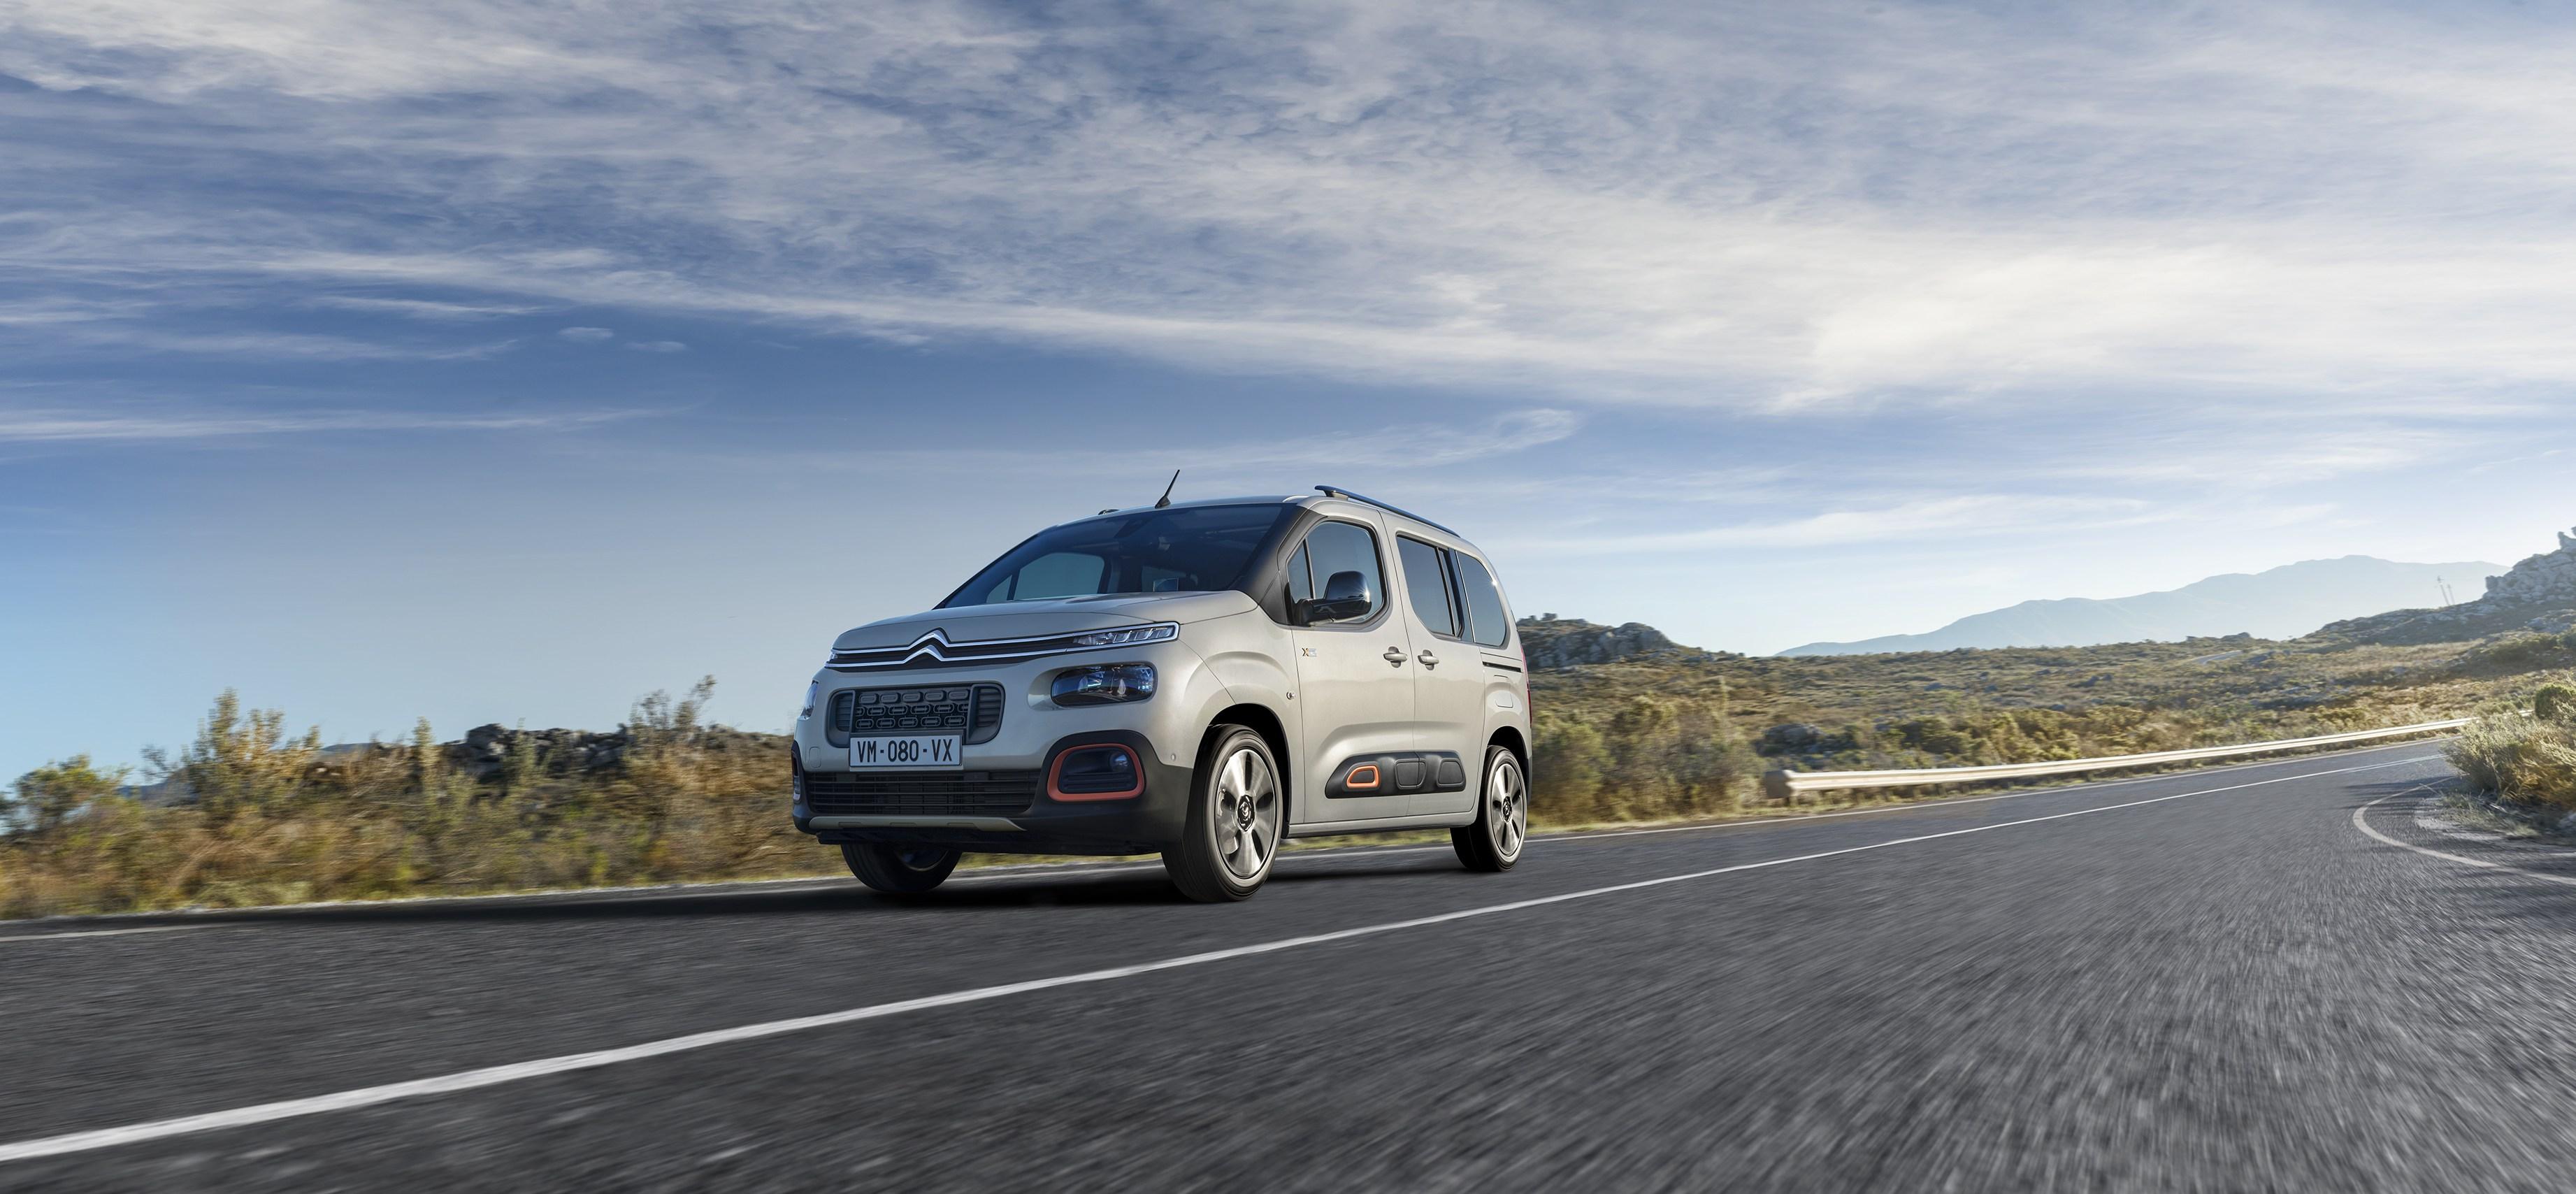 Νέο Citroën Berlingo:Η λύση για τον επαγγελματία